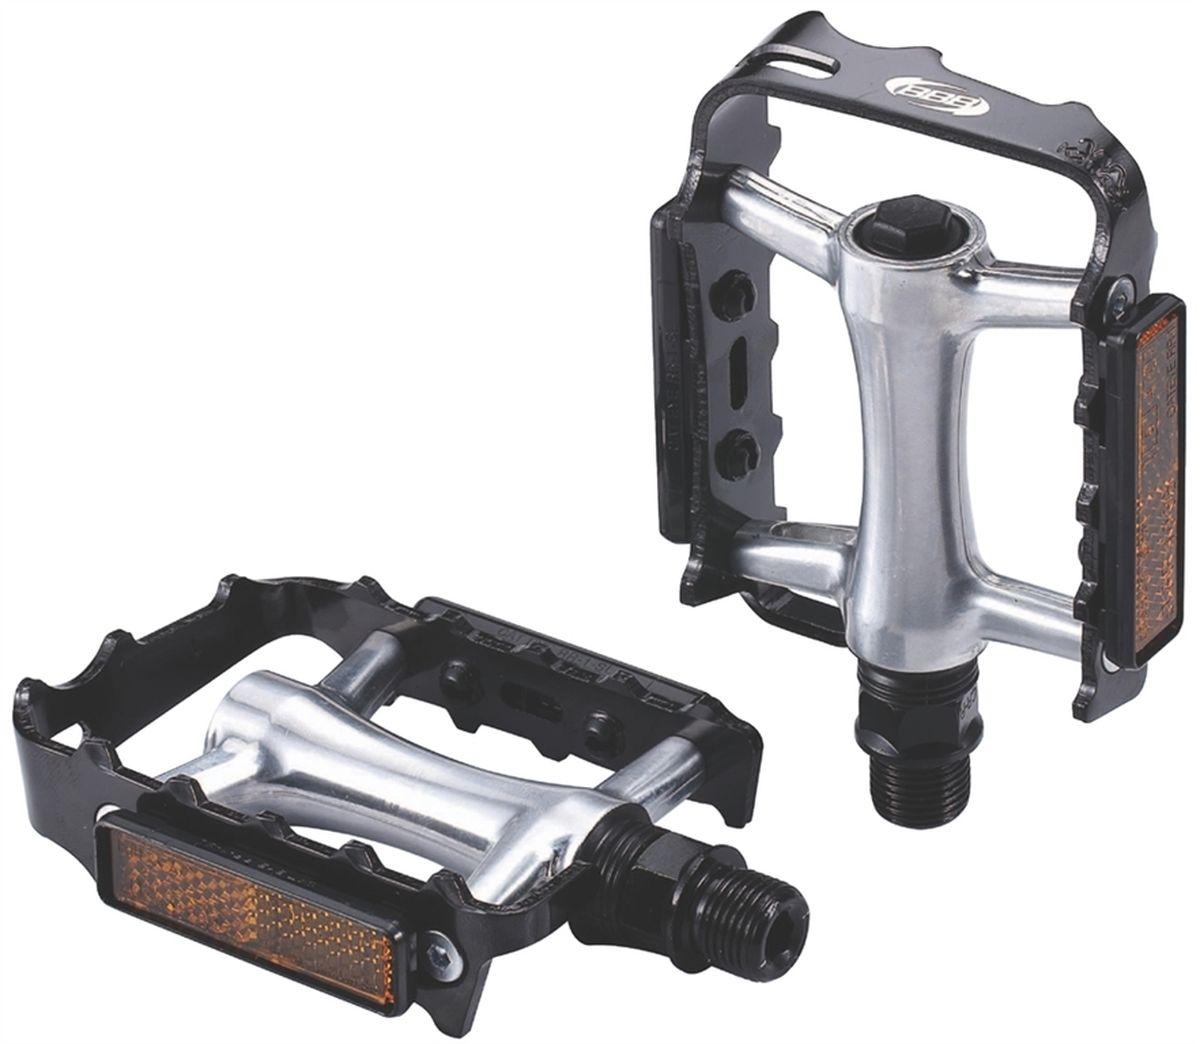 Педали BBB MTB ClassicRide, цвет: черный, стальной, 2 штRA-BBB MTB ClassicRide - это модернизированная версия классических алюминиевых педалей. Прочная ось выполнена из хроммолибденовой стали. Промышленные подшипники не нуждающиеся в обслуживании. Рамка с зубцами обеспечивает лучший контакт. Съемные отражатели помогают увидеть вас в темное время суток.